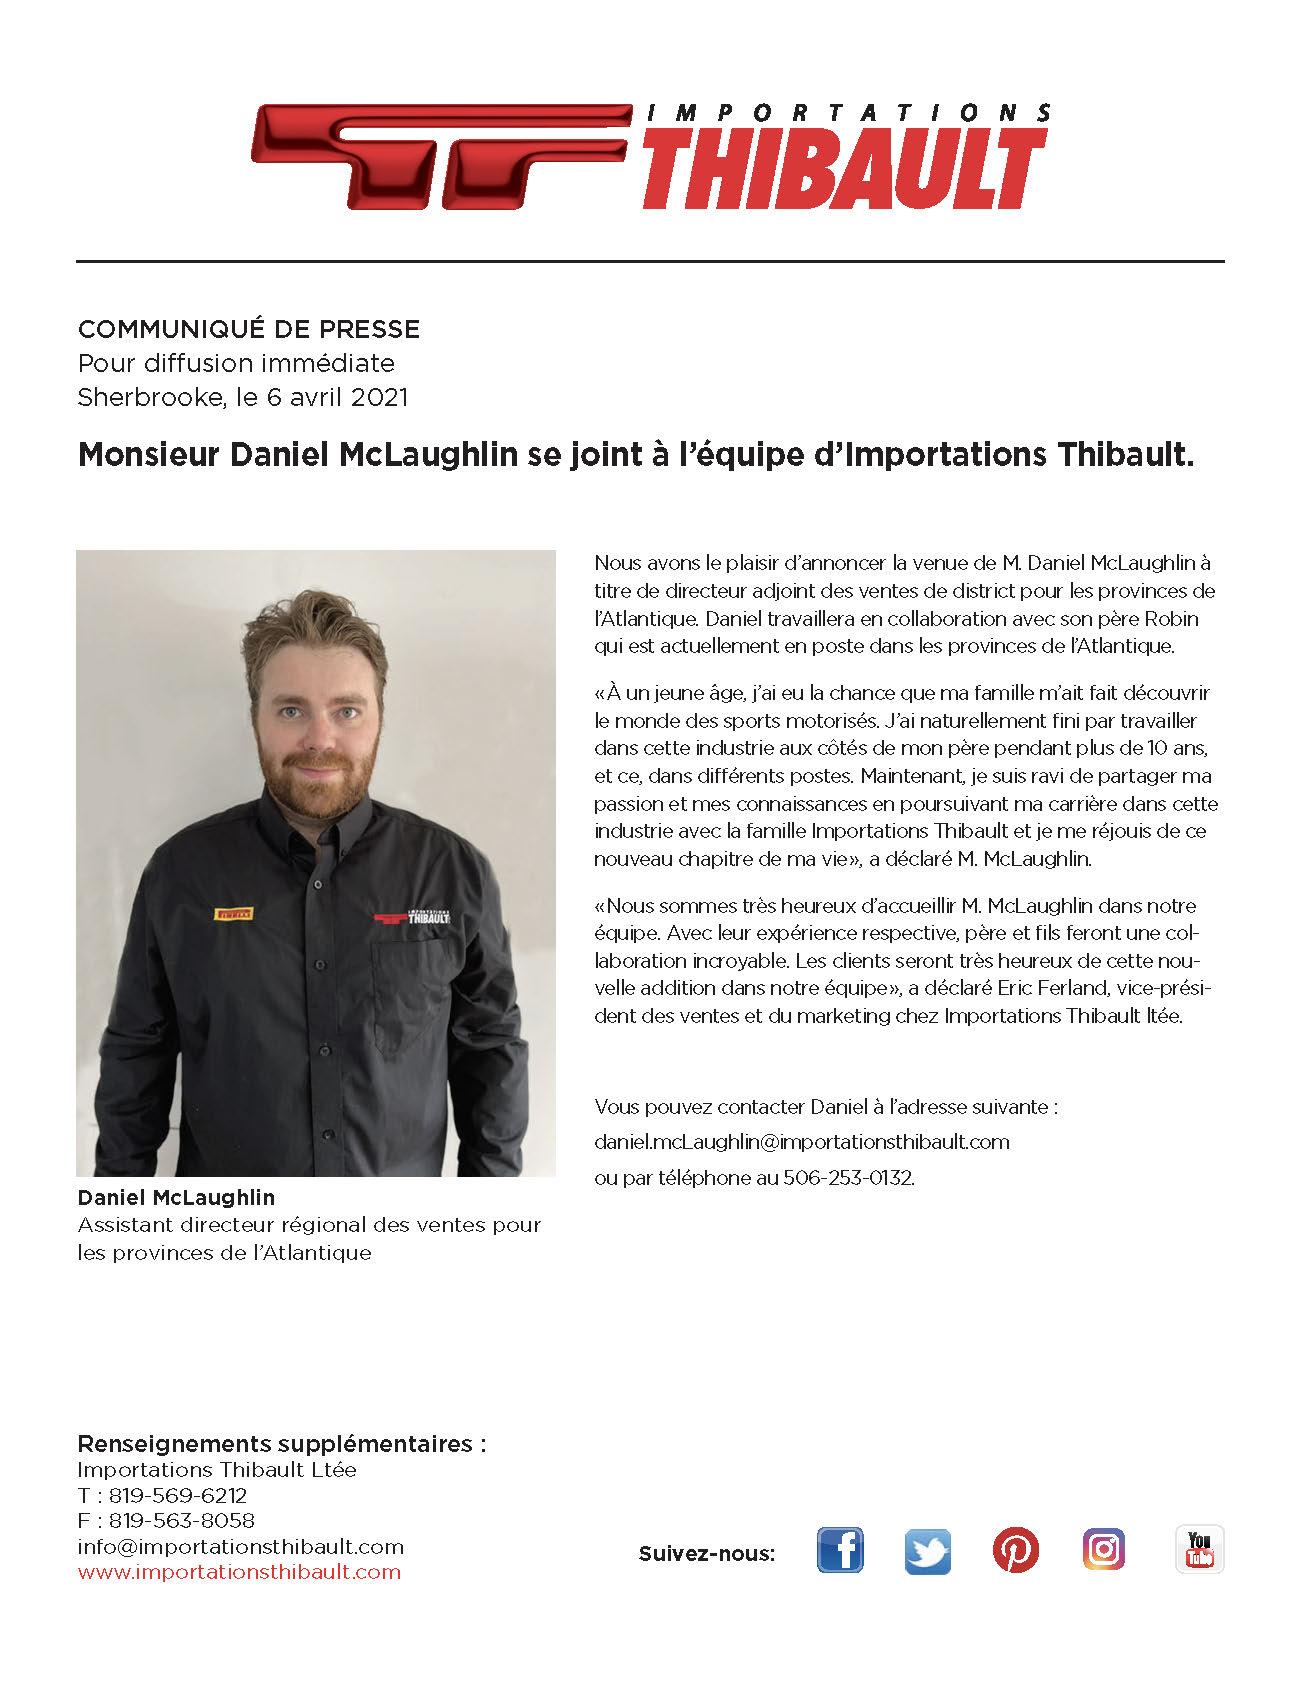 Monsieur Daniel McLaughlin se joint à l'équipe d'Importations Thibault